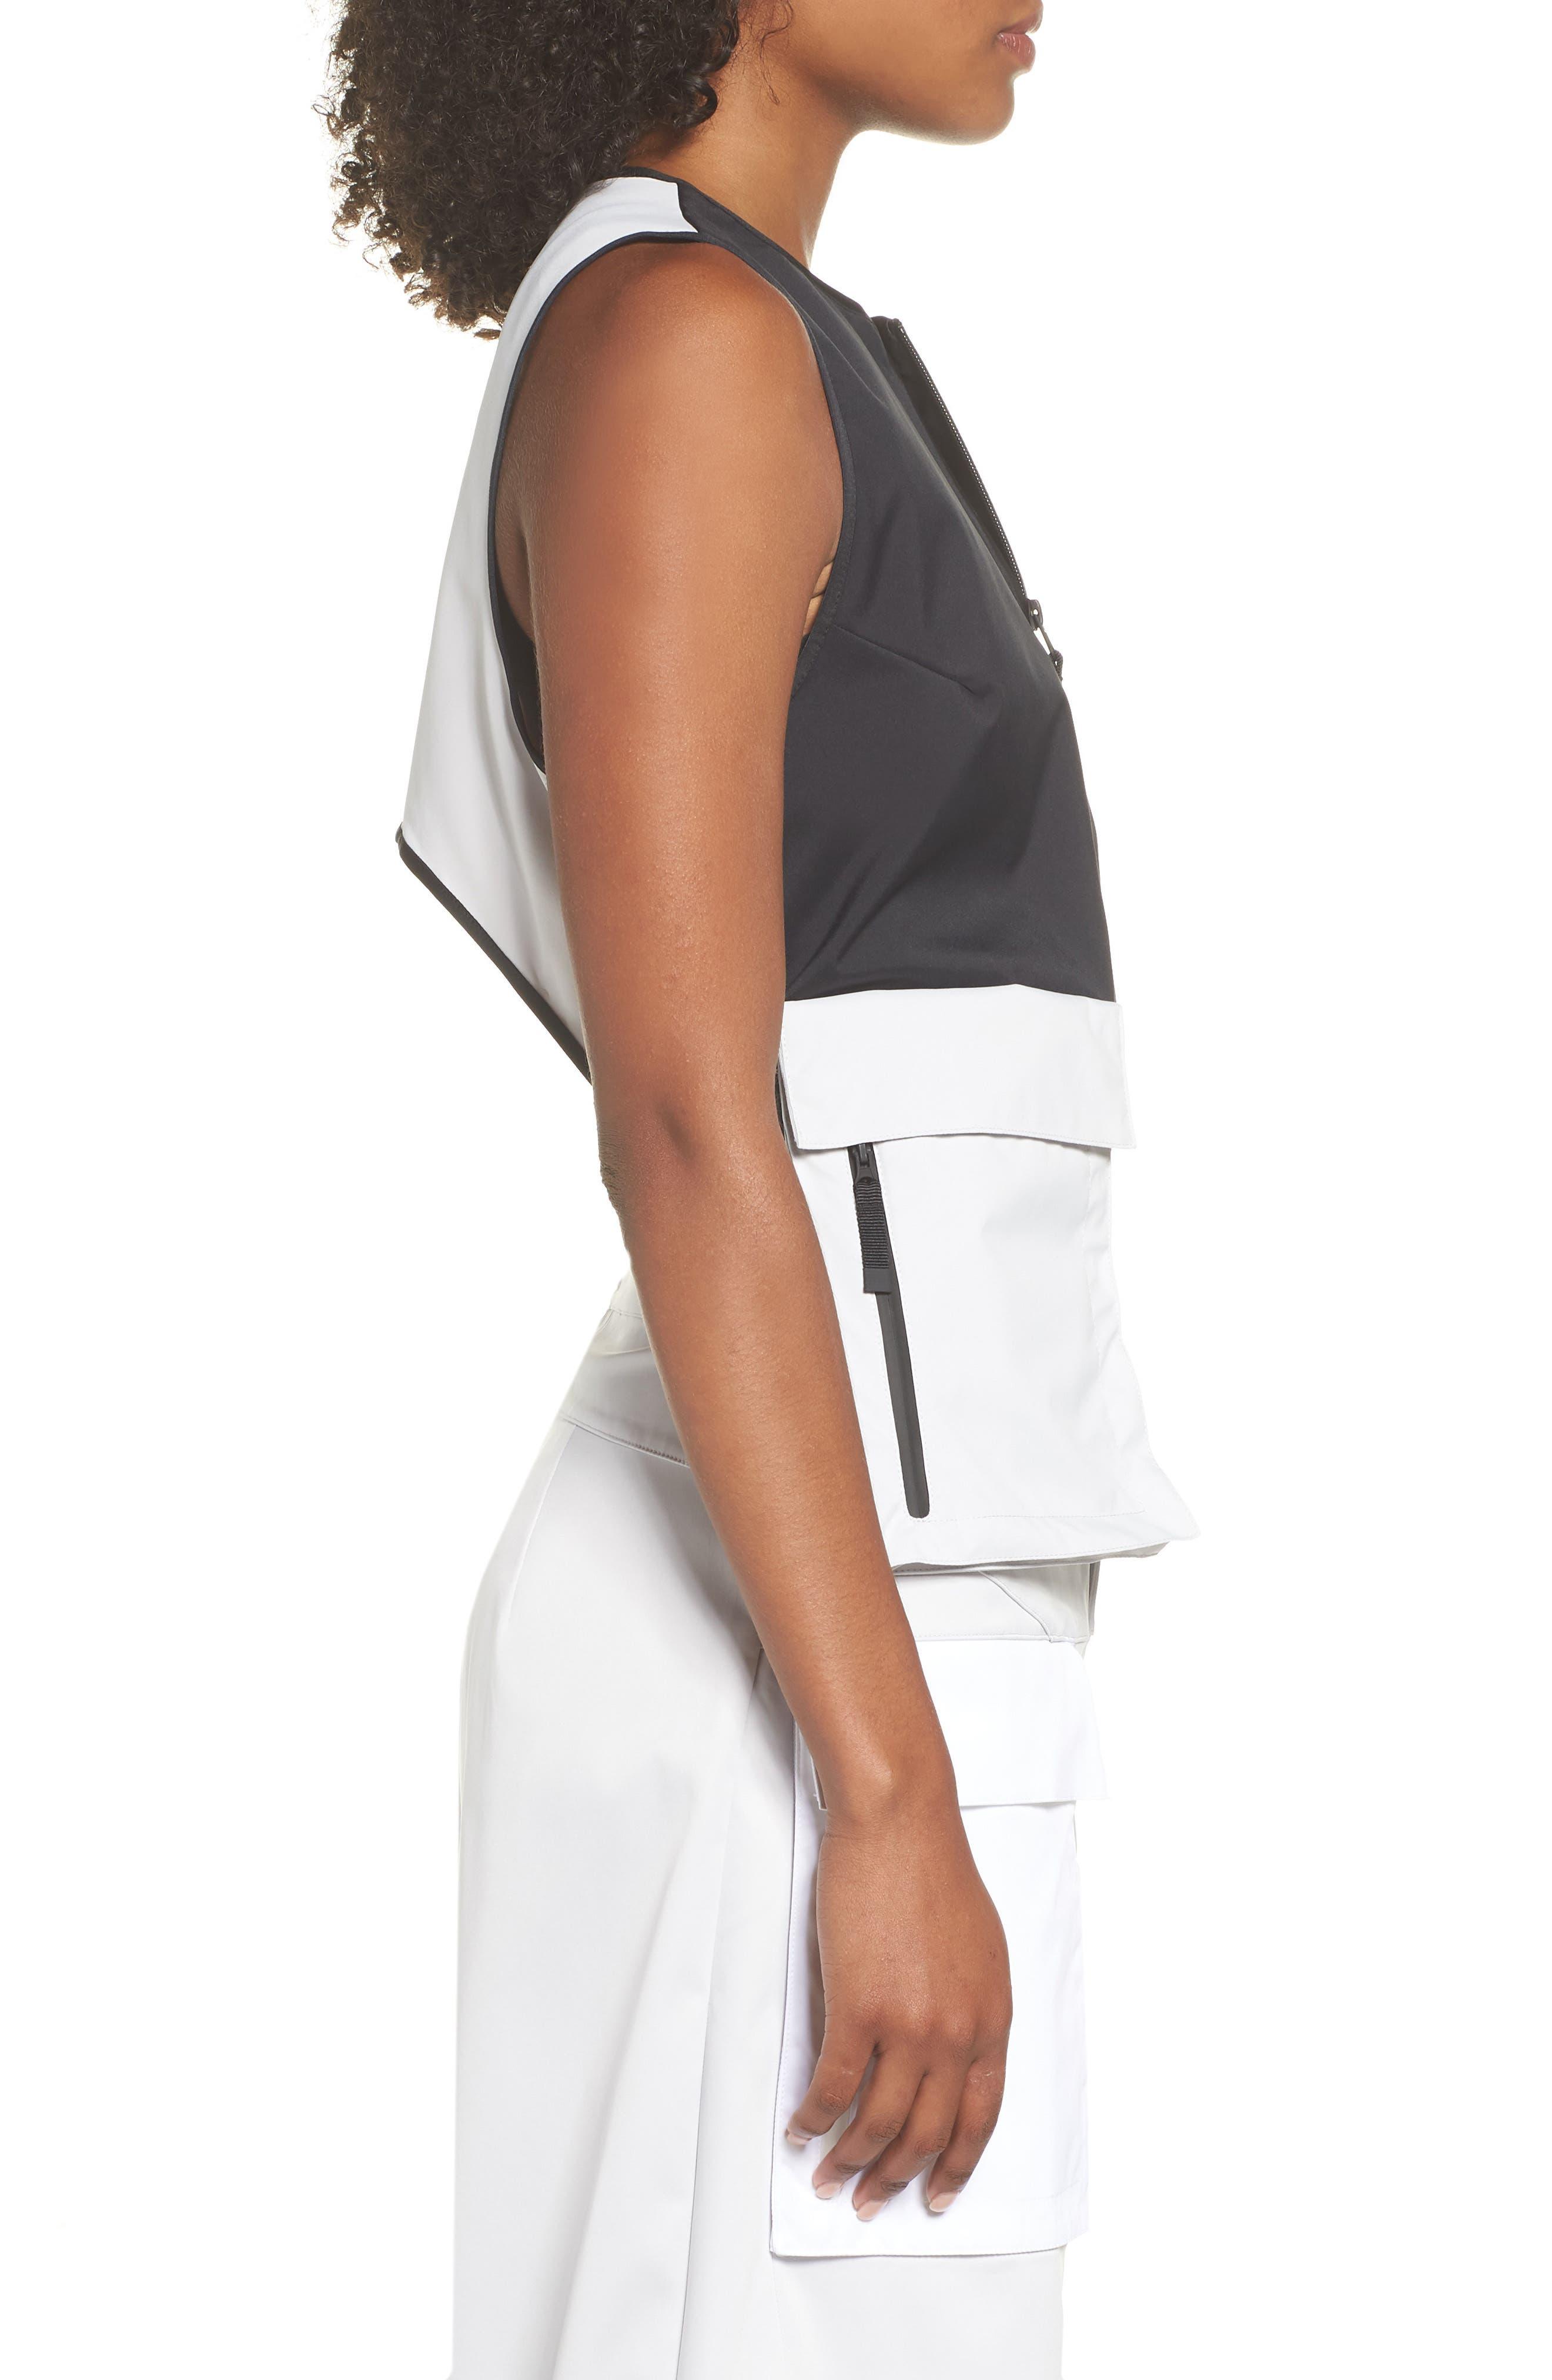 NRG Women's Utility Vest,                             Alternate thumbnail 3, color,                             BLACK/ VAPOR GREEN/ BLACK